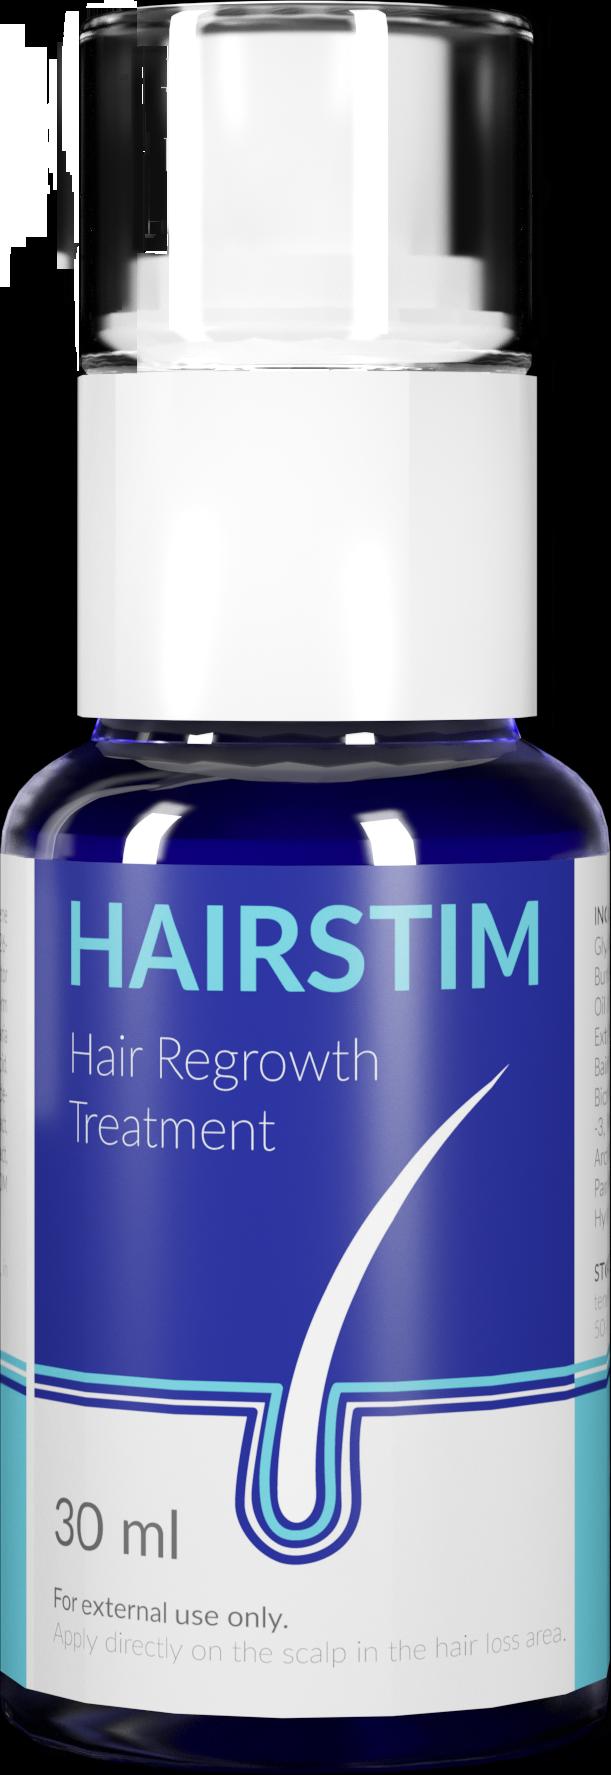 Hairstim - opinie użytkowników forum